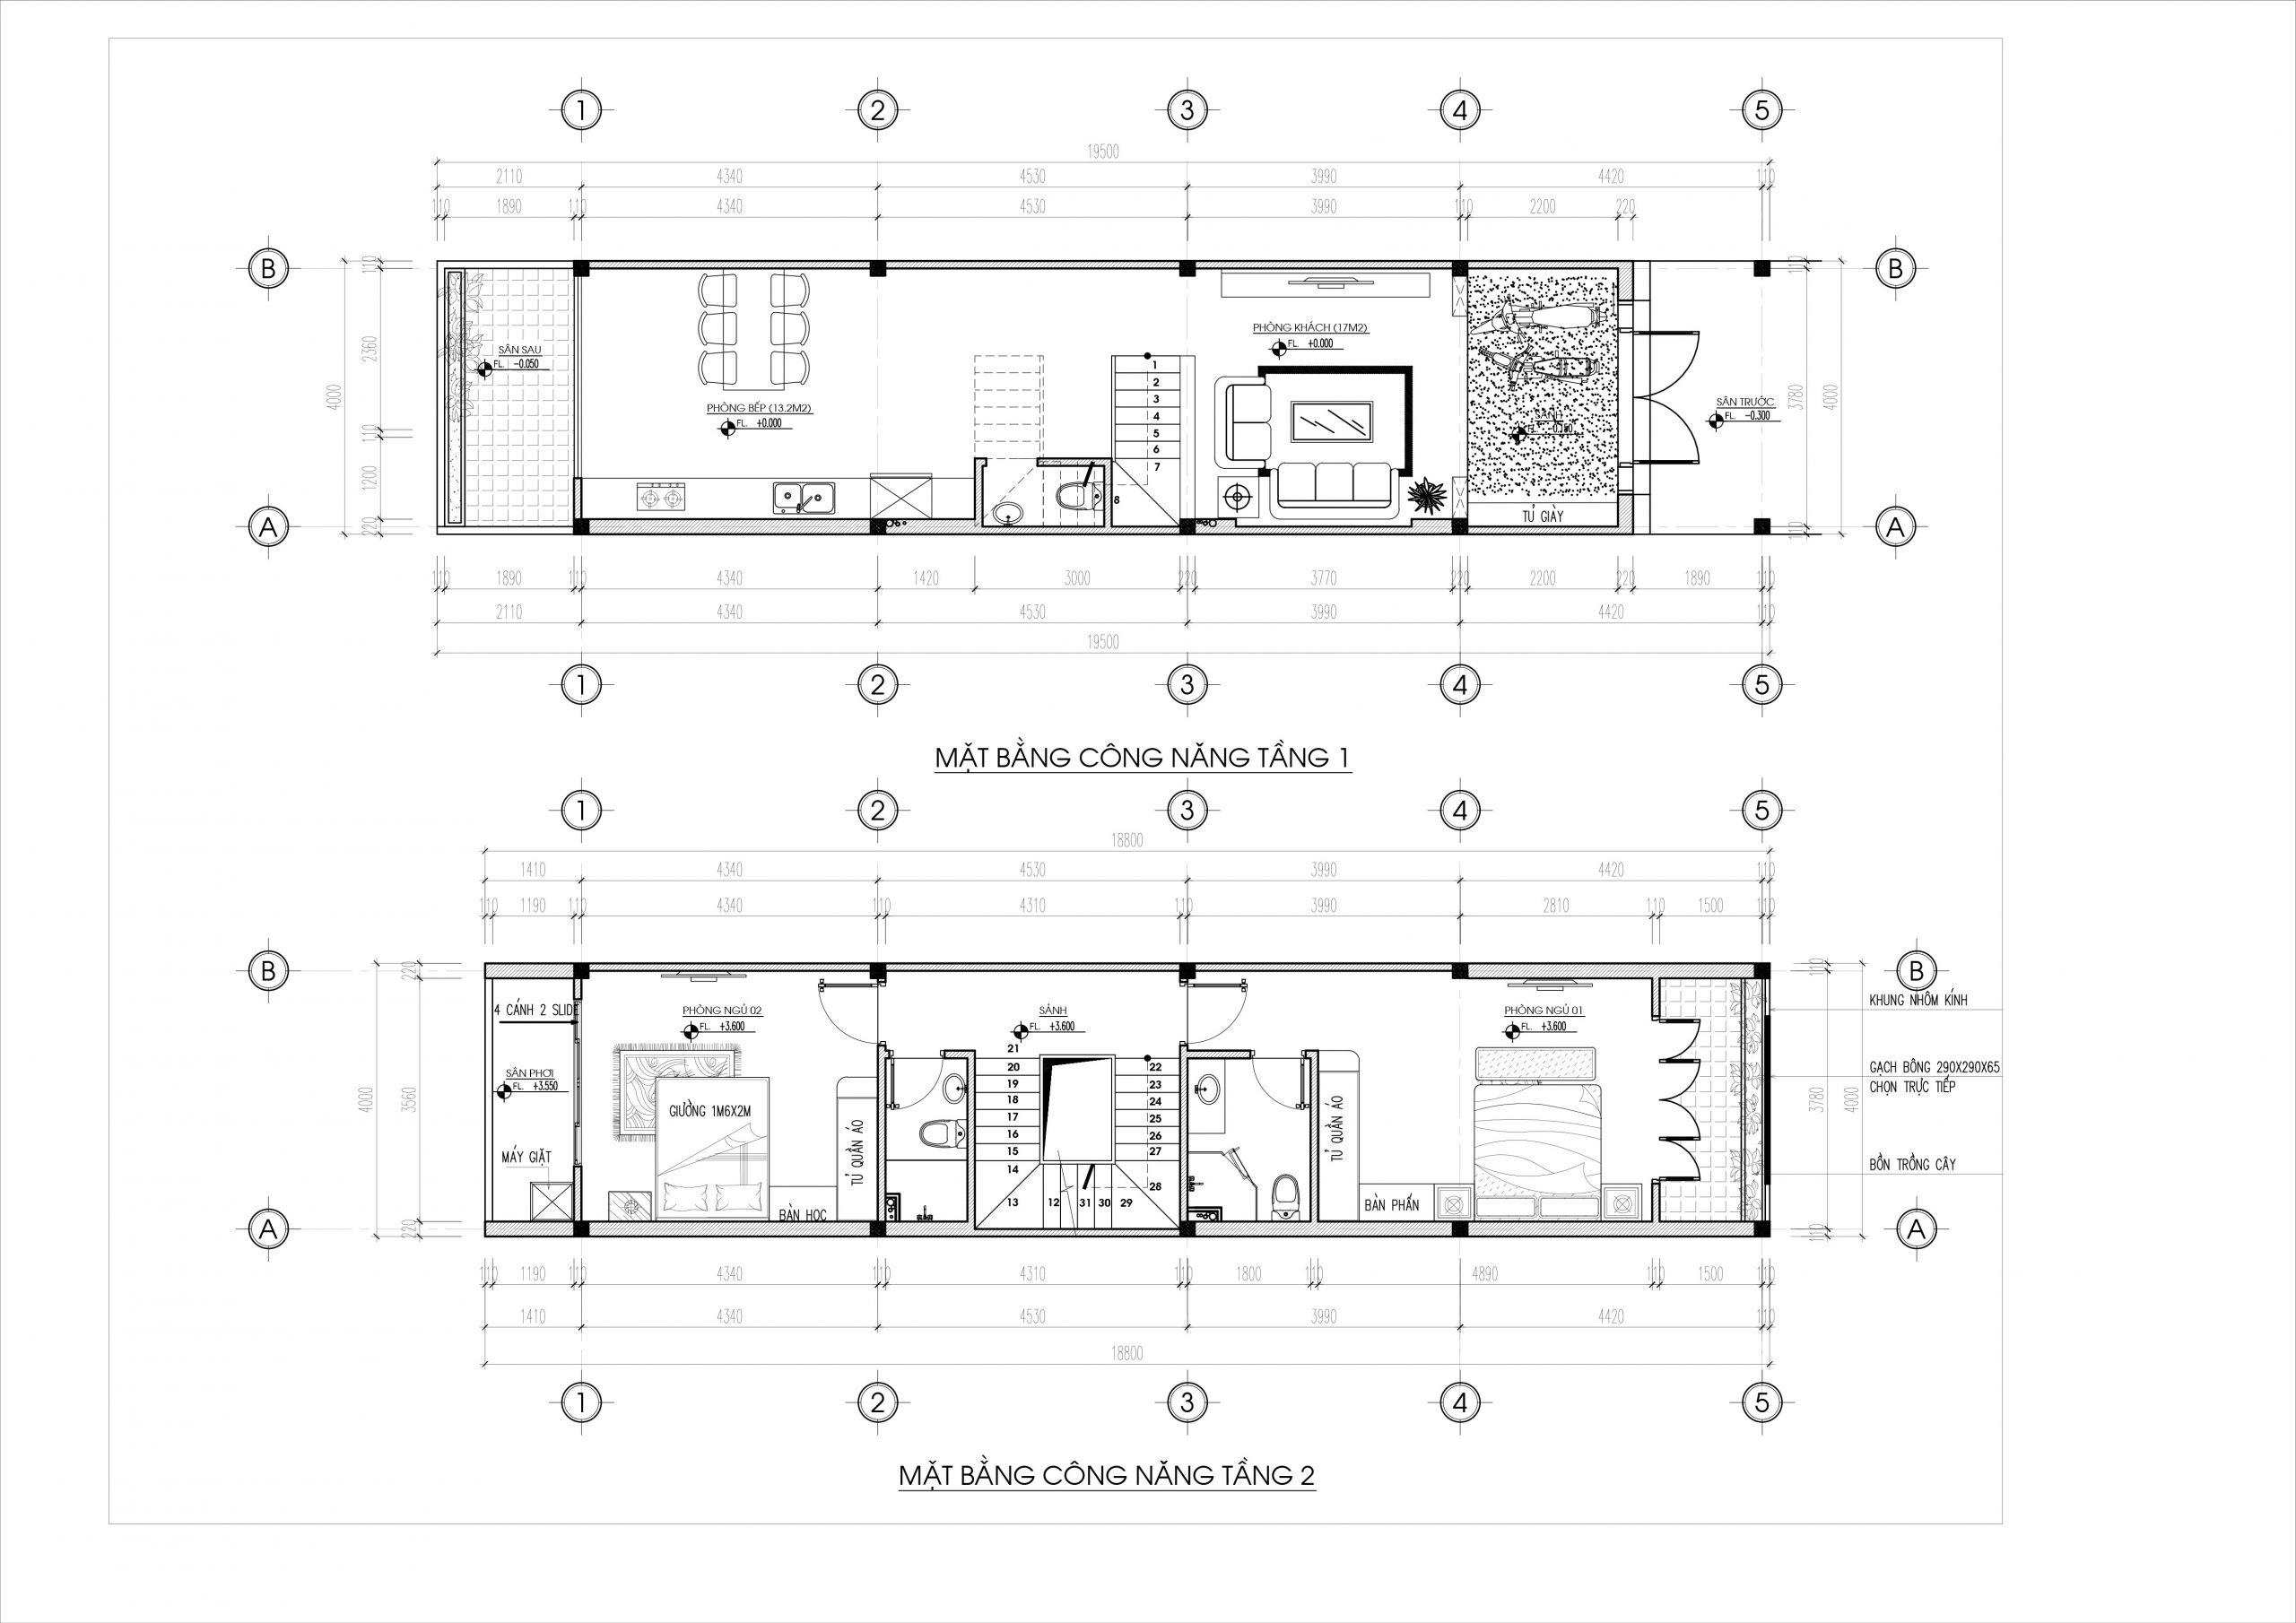 Bản thiết kế chi tiết mặt bằng công năng tầng một và tầng 2